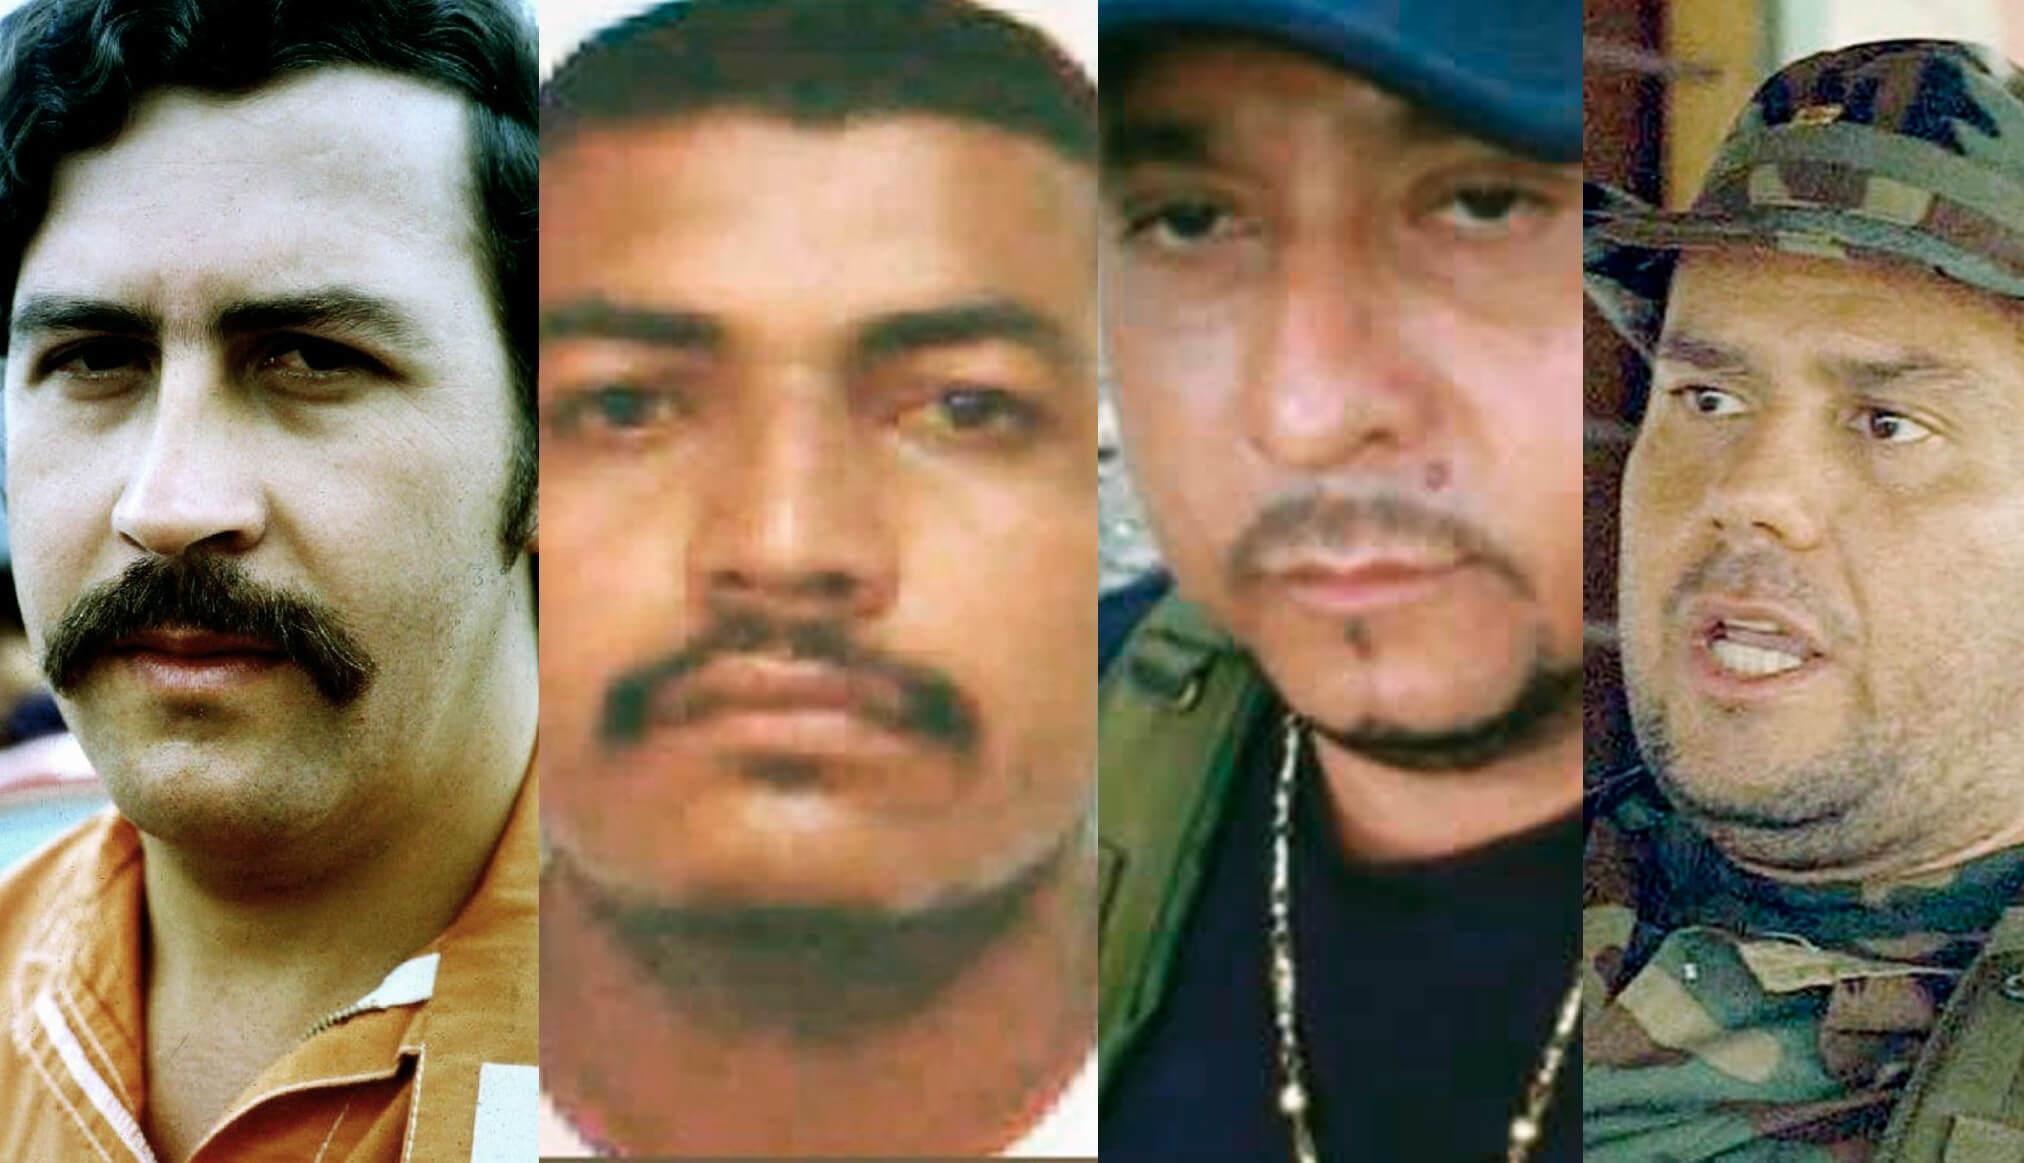 Populismo criminal: ¿Por qué despedimos como héroes a los capos en Colombia?